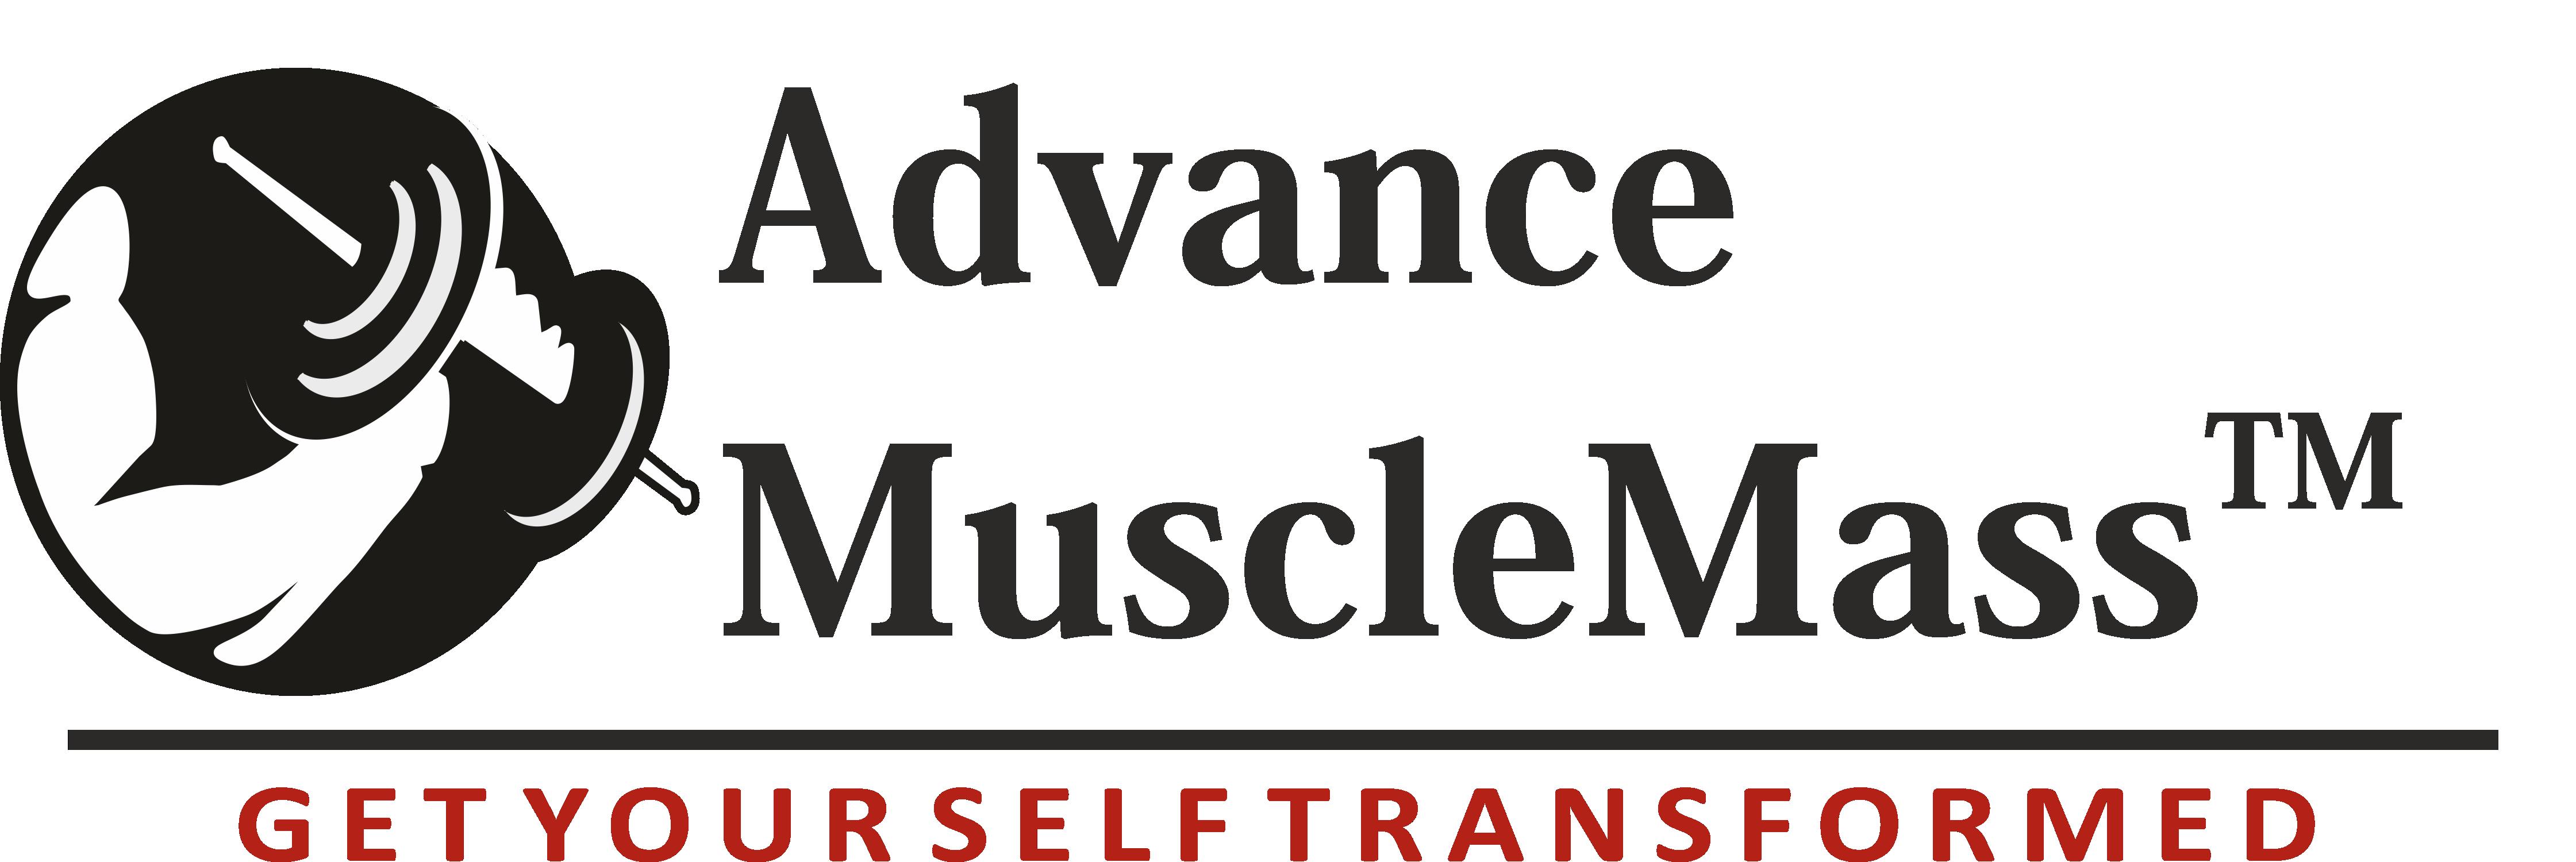 Advance Musclemass